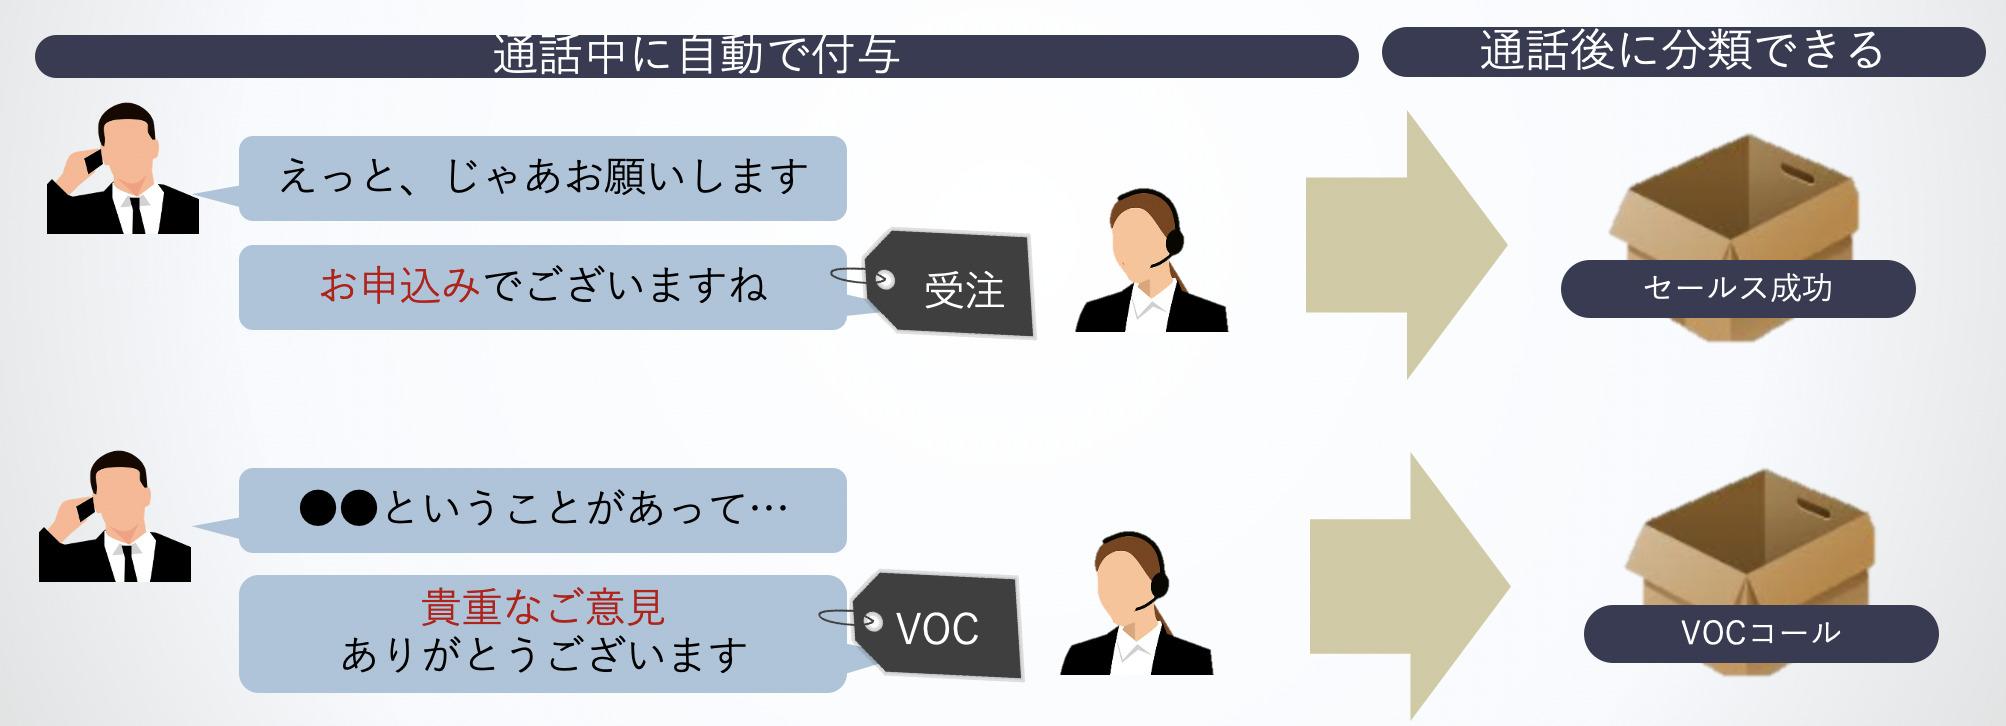 音声認識システムでキーフレーズを決めておけば、自動でカテゴリ分けが可能となります。